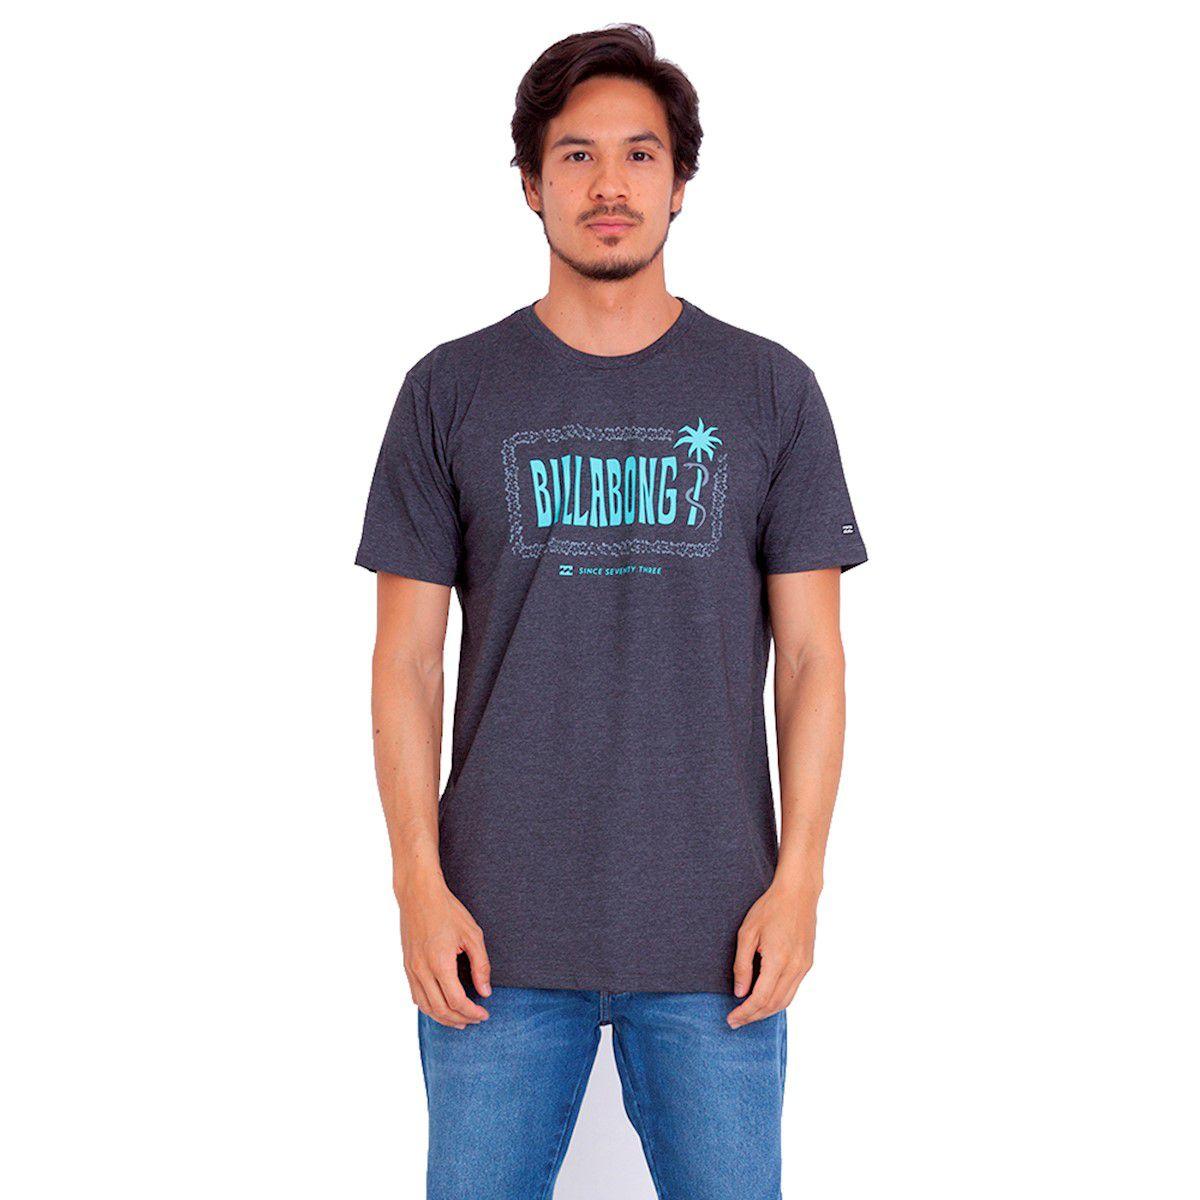 Camiseta Billabong Seven Seas